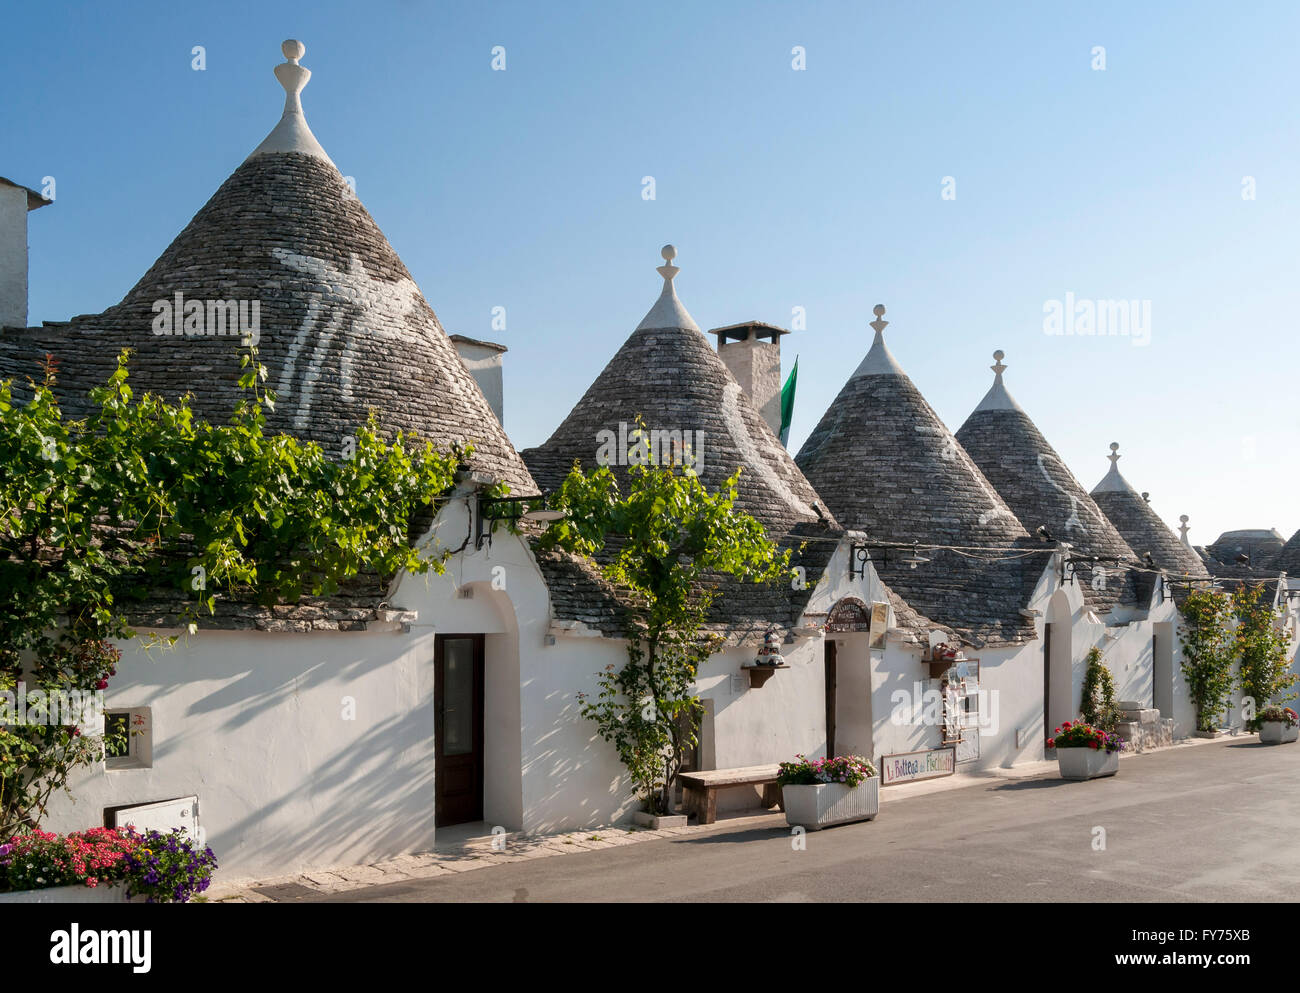 Fila de Trullo casas en Monte Pertica Street, Trulli Distrikt, Alberobello, Puglia, Italia Imagen De Stock